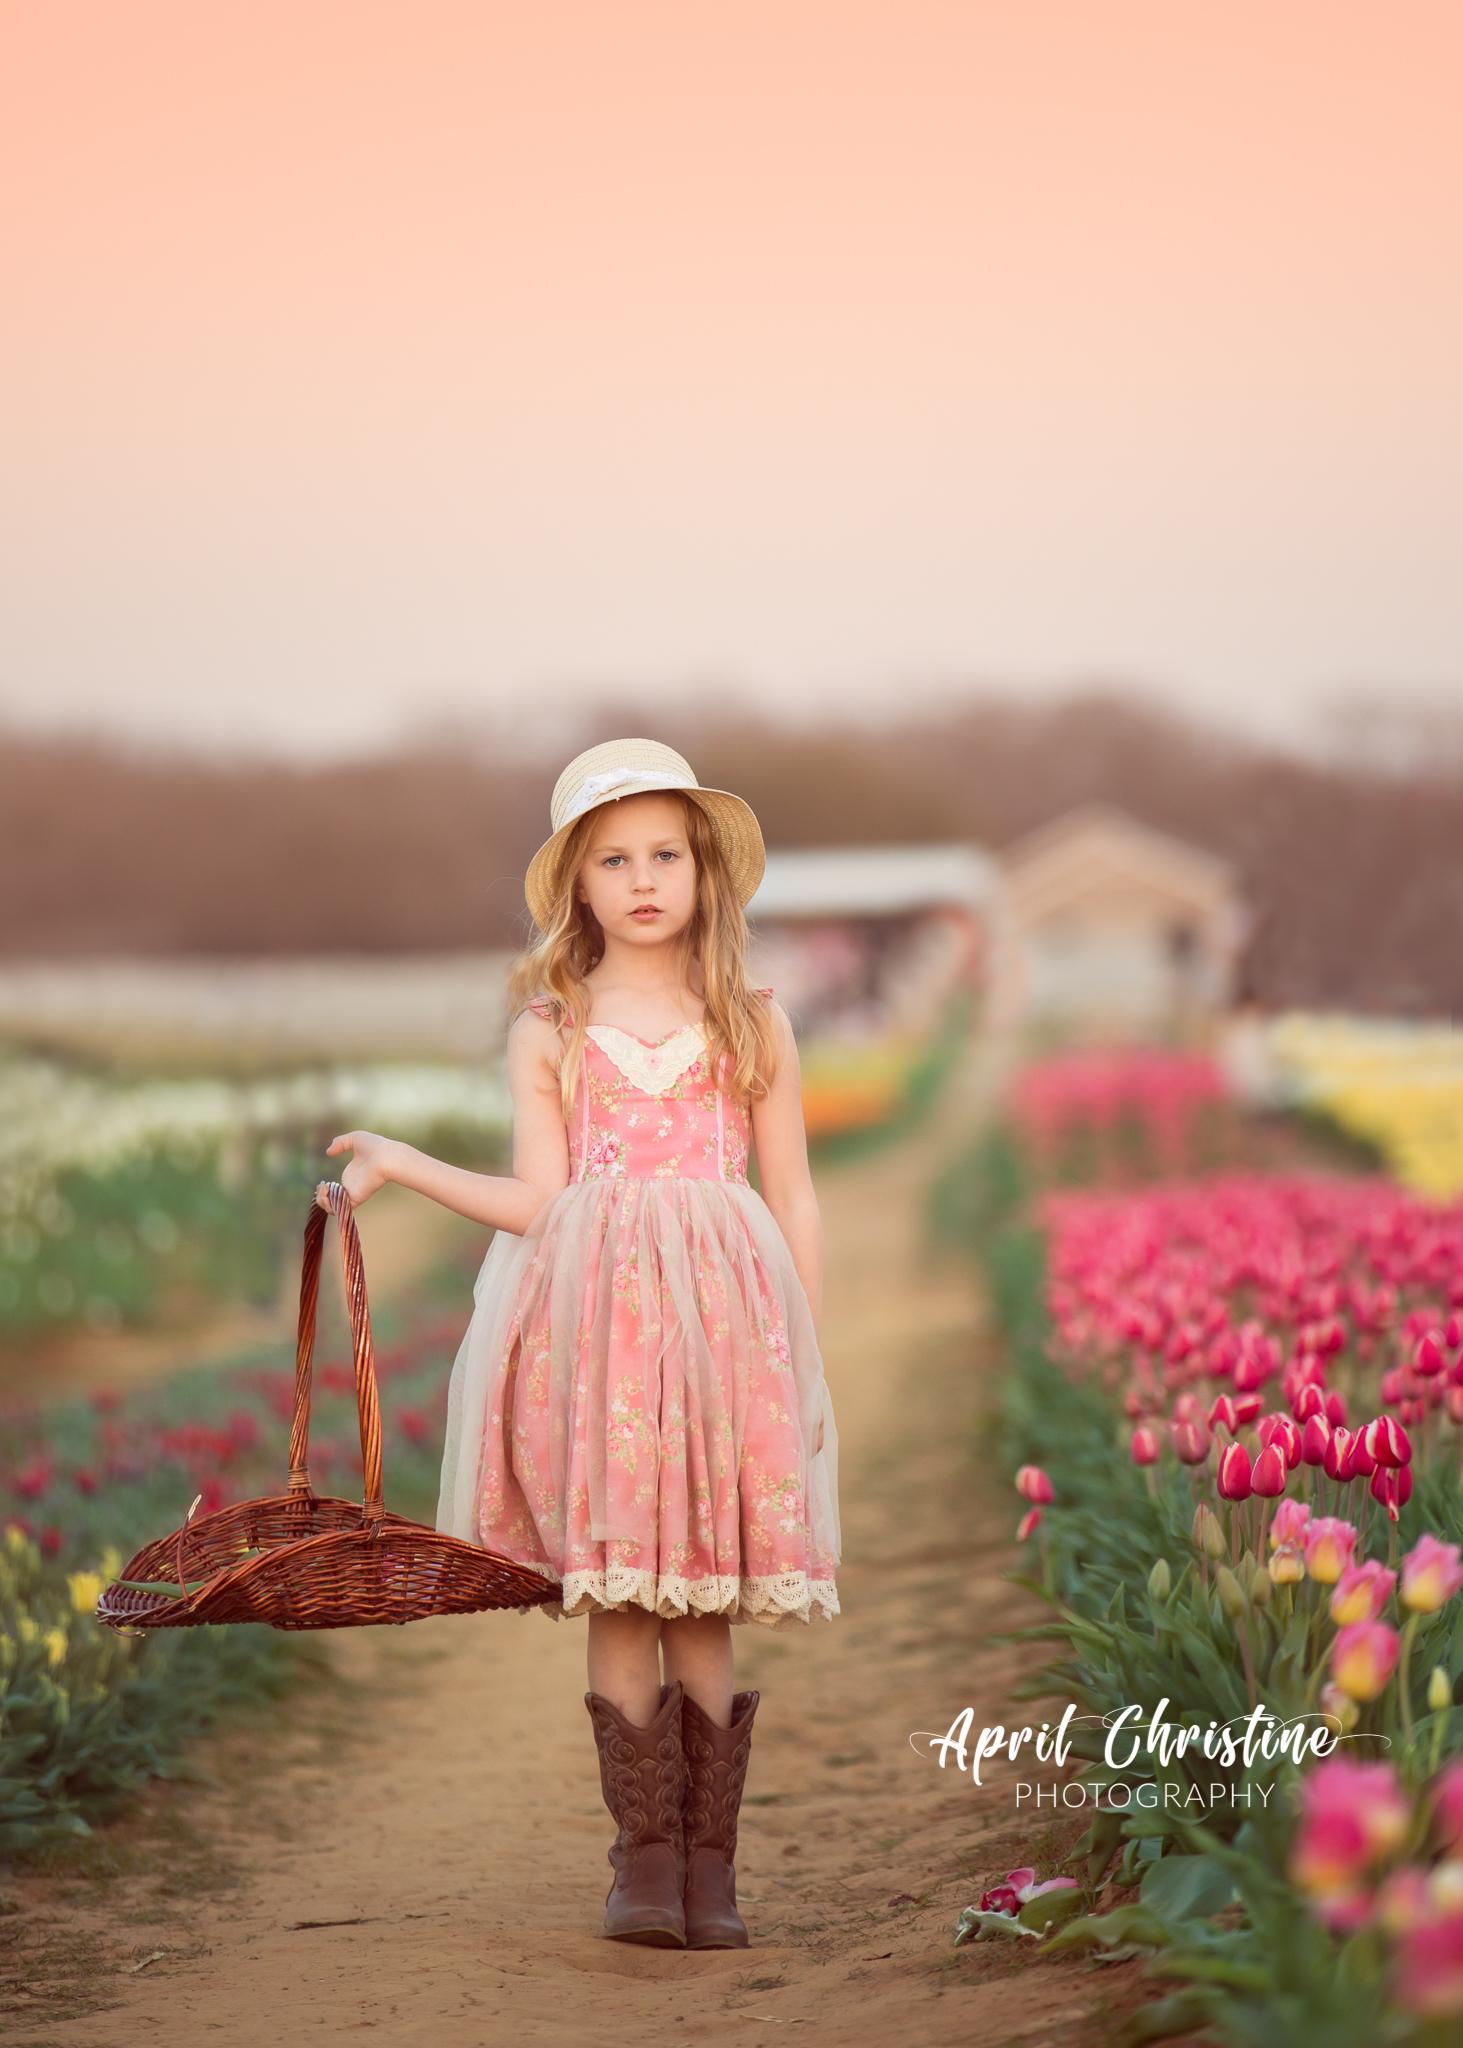 Child Photographer in Dallas Texas